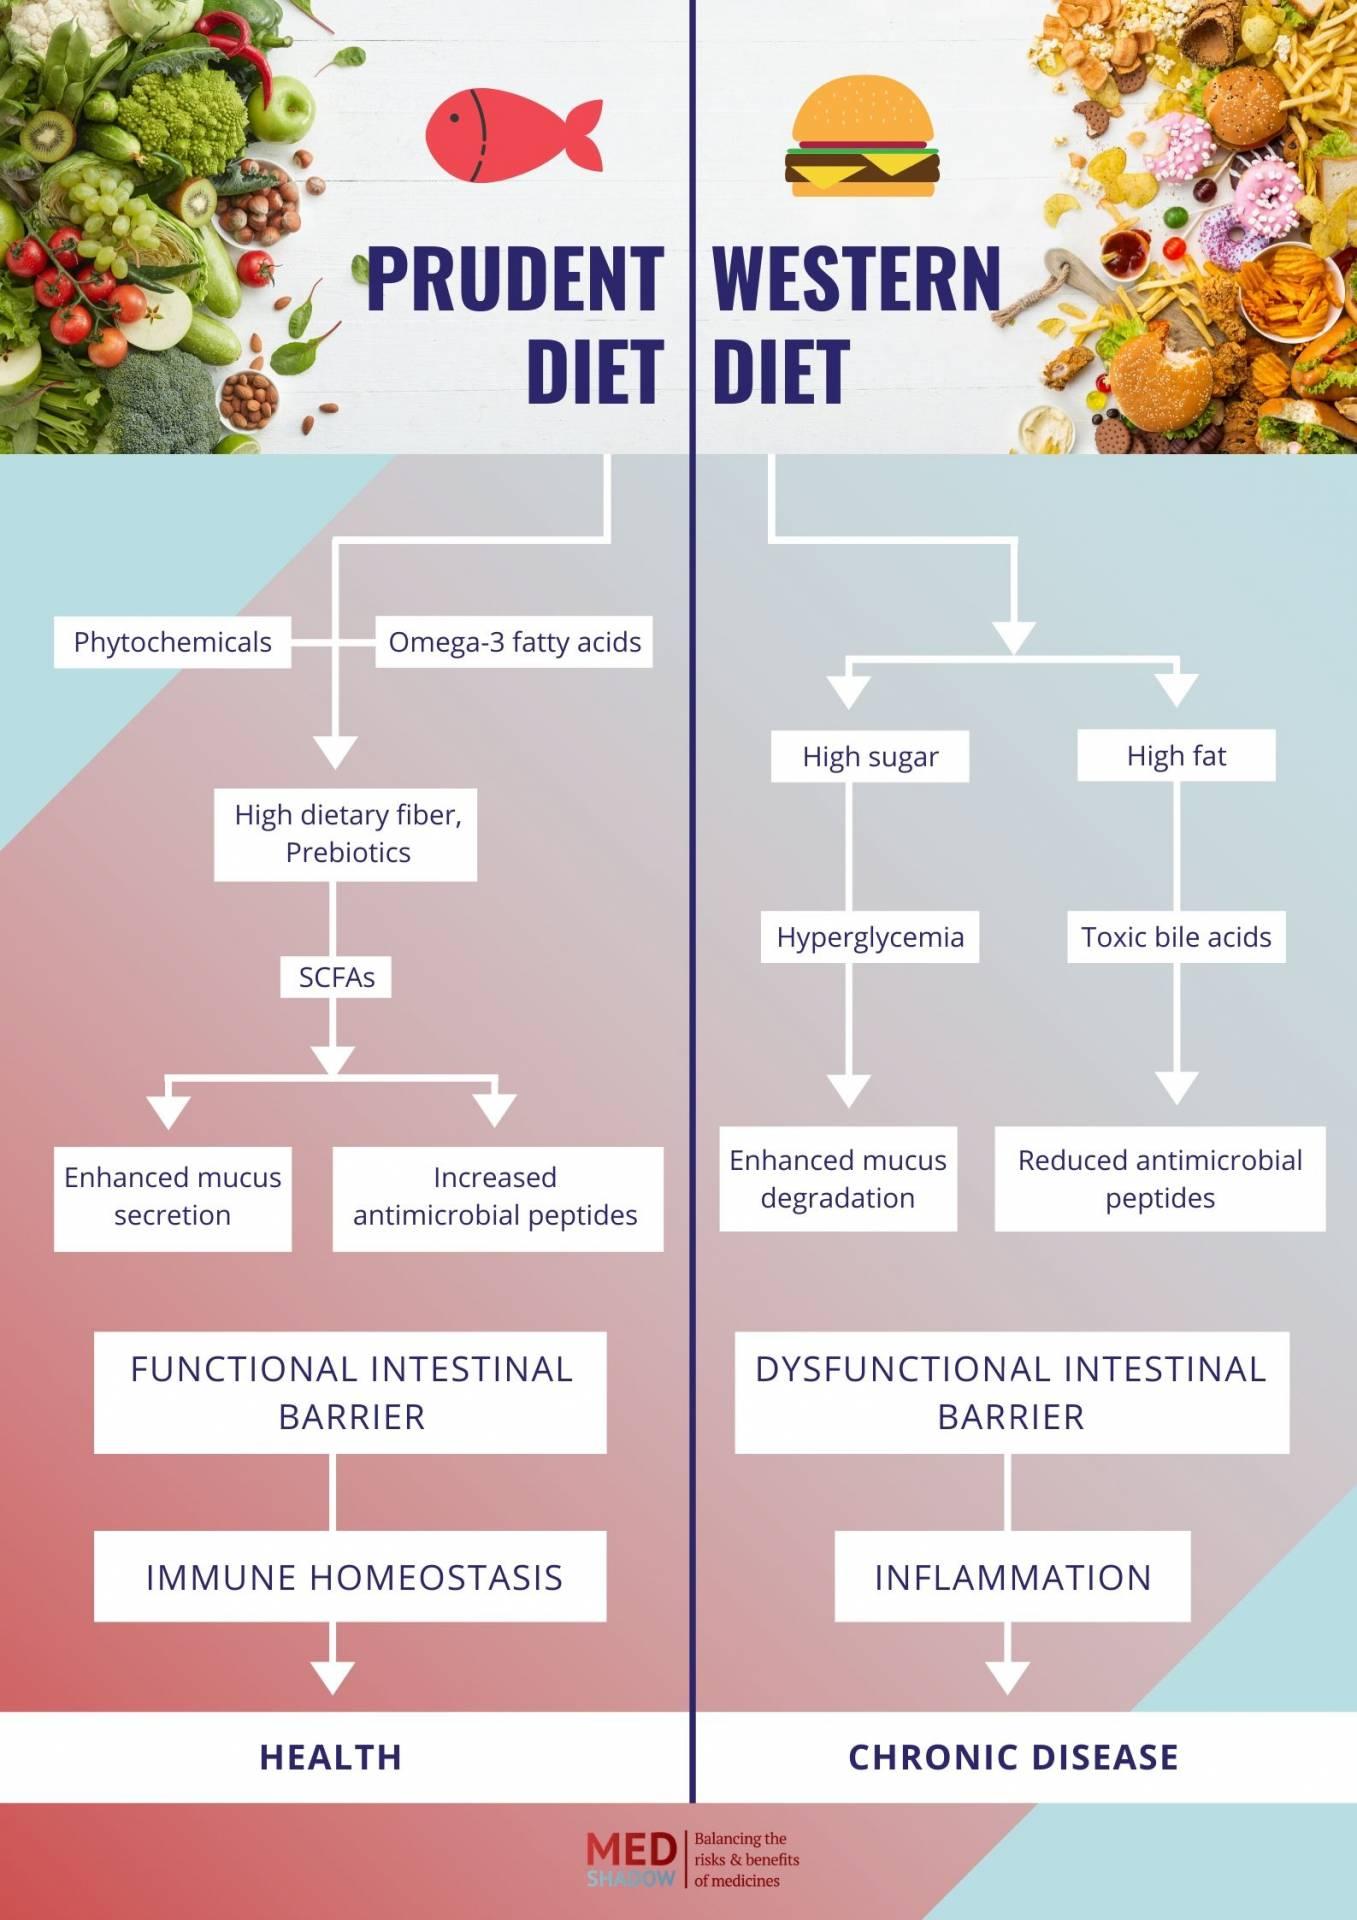 prudent diet vs western diet